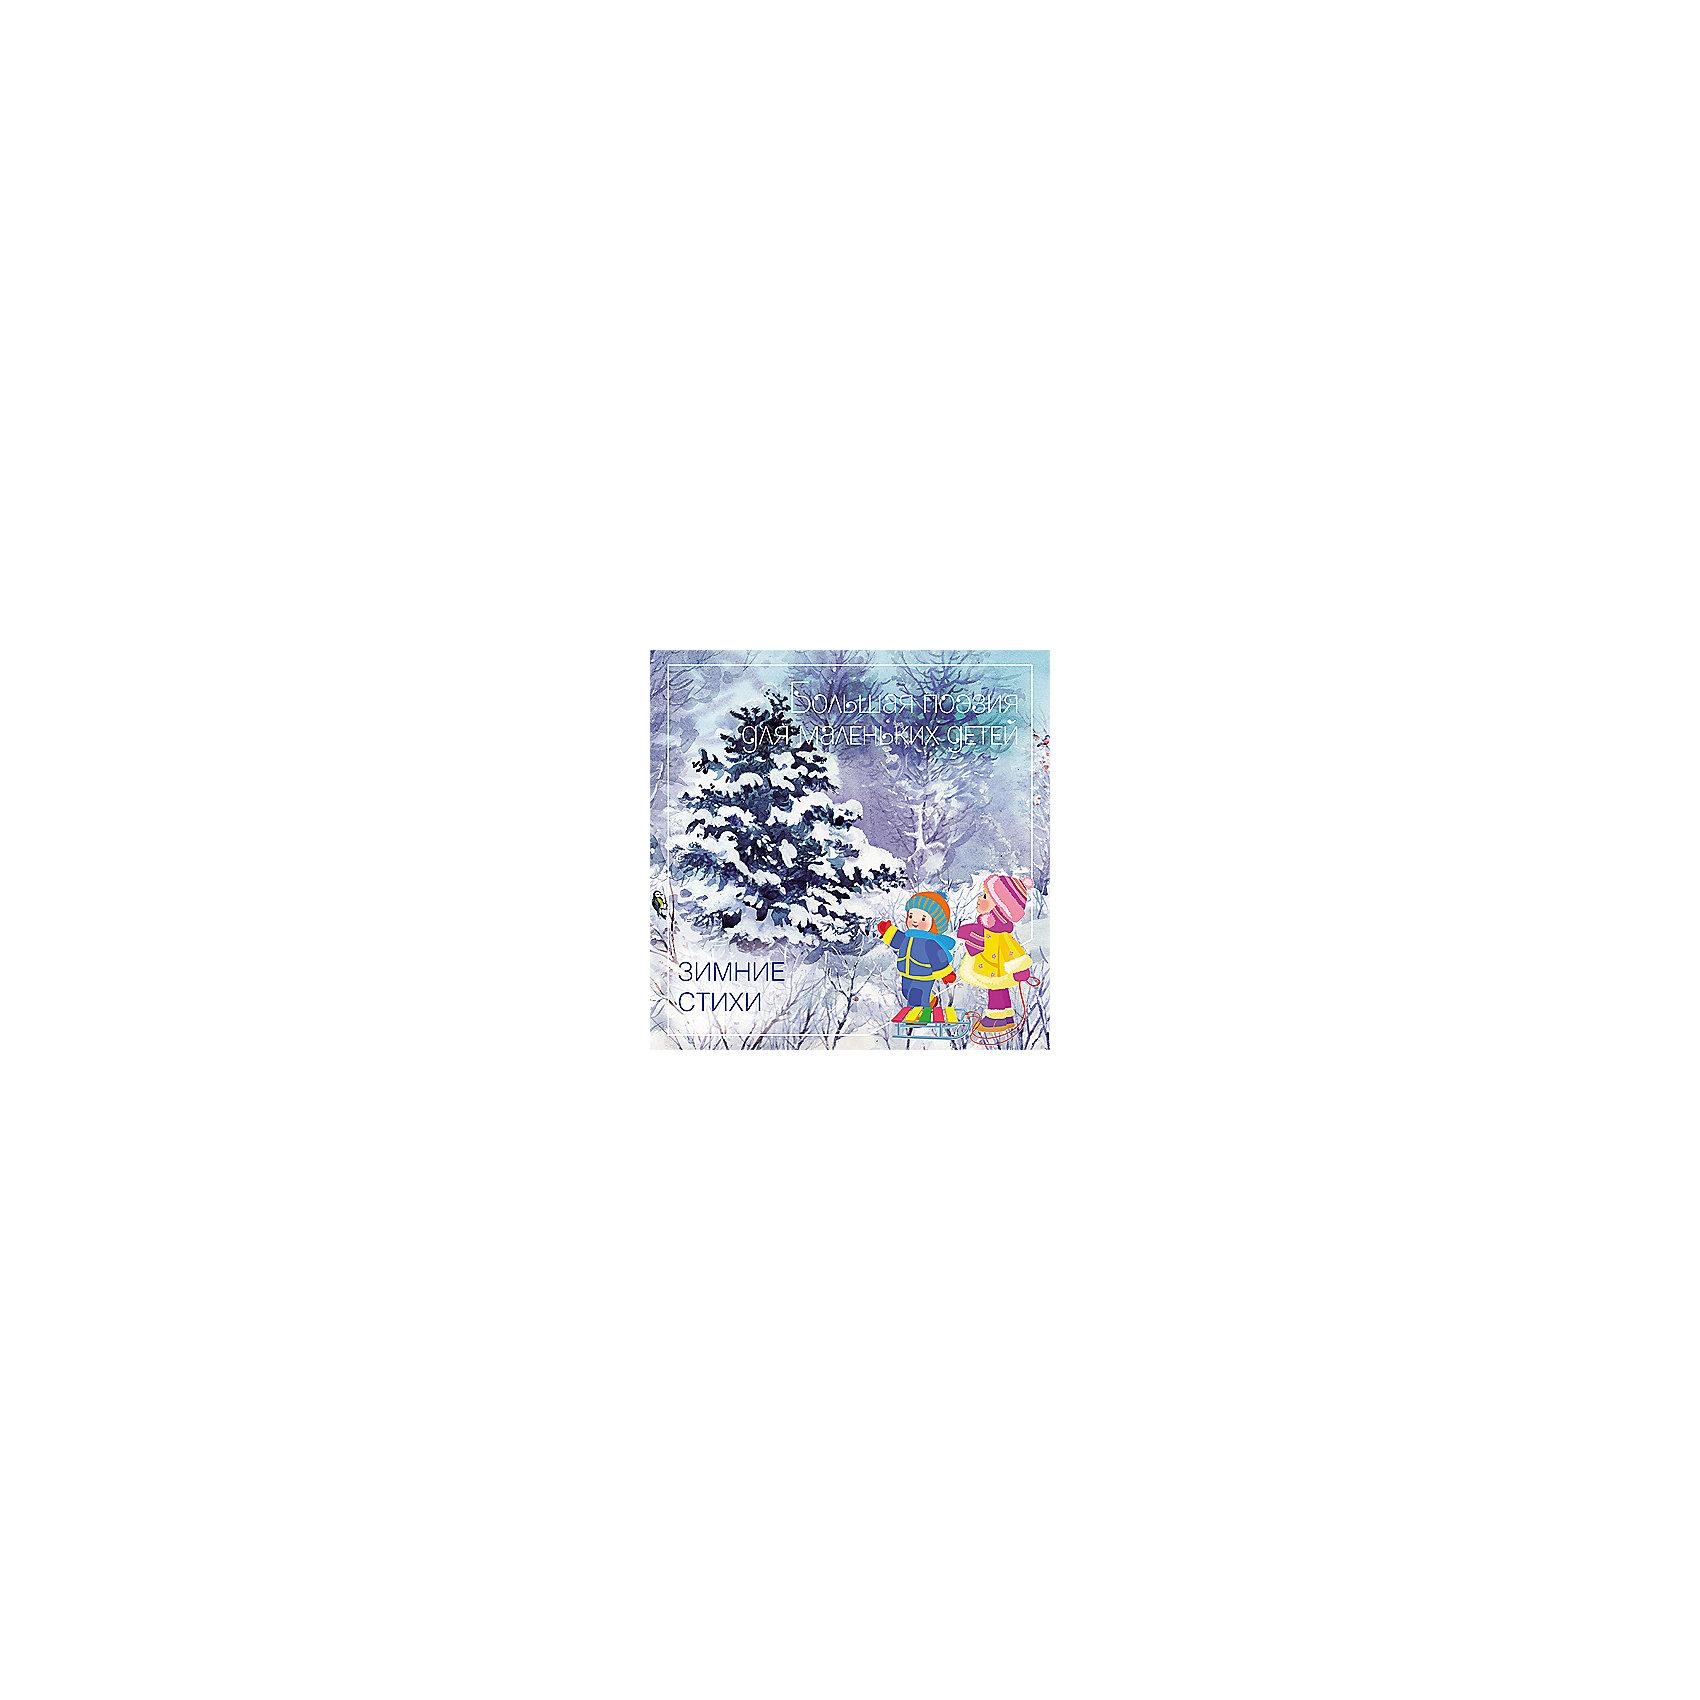 Сборник стихотворений русских классиков Зимние стихиСтихи<br>Сборник стихотворений русских классиков Зимние стихи.<br><br>Характеристики:<br><br>• Для детей в возрасте: от 3 до 9 лет<br>• Художник: Владимир Белоусов<br>• Издательство: Мозаика-Синтез, 2012<br>• Серия: Большая поэзия для маленьких детей<br>• Тип обложки: мягкий переплет (крепление скрепкой или клеем)<br>• Оформление: частичная лакировка<br>• Иллюстрации: цветные<br>• Количество страниц:  24 (мелованная)<br>• Размер: 290х290х2 мм.<br>• Вес: 190 гр.<br>• ISBN: 9785867757052<br><br>Сборник стихотворений Зимние стихи – это большая поэзия для маленьких детей. На страницах этой книги собраны лучшие стихи русских классиков о зиме. Это произведения А.С. Пушкина, Ф.И. Тютчева, Н.А. Некрасова, С.А. Есенина, А.А. Фета и других великих поэтов. Чтение принесет радость как малышам, для которых создана эта замечательная книга, так и взрослым. Книга богато и красочно оформлена. Каждый разворот – это великолепный акварельный пейзаж. На его фоне крупным, хорошо читаемым шрифтом напечатано стихотворение.<br><br>Сборник стихотворений русских классиков Зимние стихи можно купить в нашем интернет-магазине.<br><br>Ширина мм: 200<br>Глубина мм: 290<br>Высота мм: 290<br>Вес г: 190<br>Возраст от месяцев: 36<br>Возраст до месяцев: 84<br>Пол: Унисекс<br>Возраст: Детский<br>SKU: 5523220